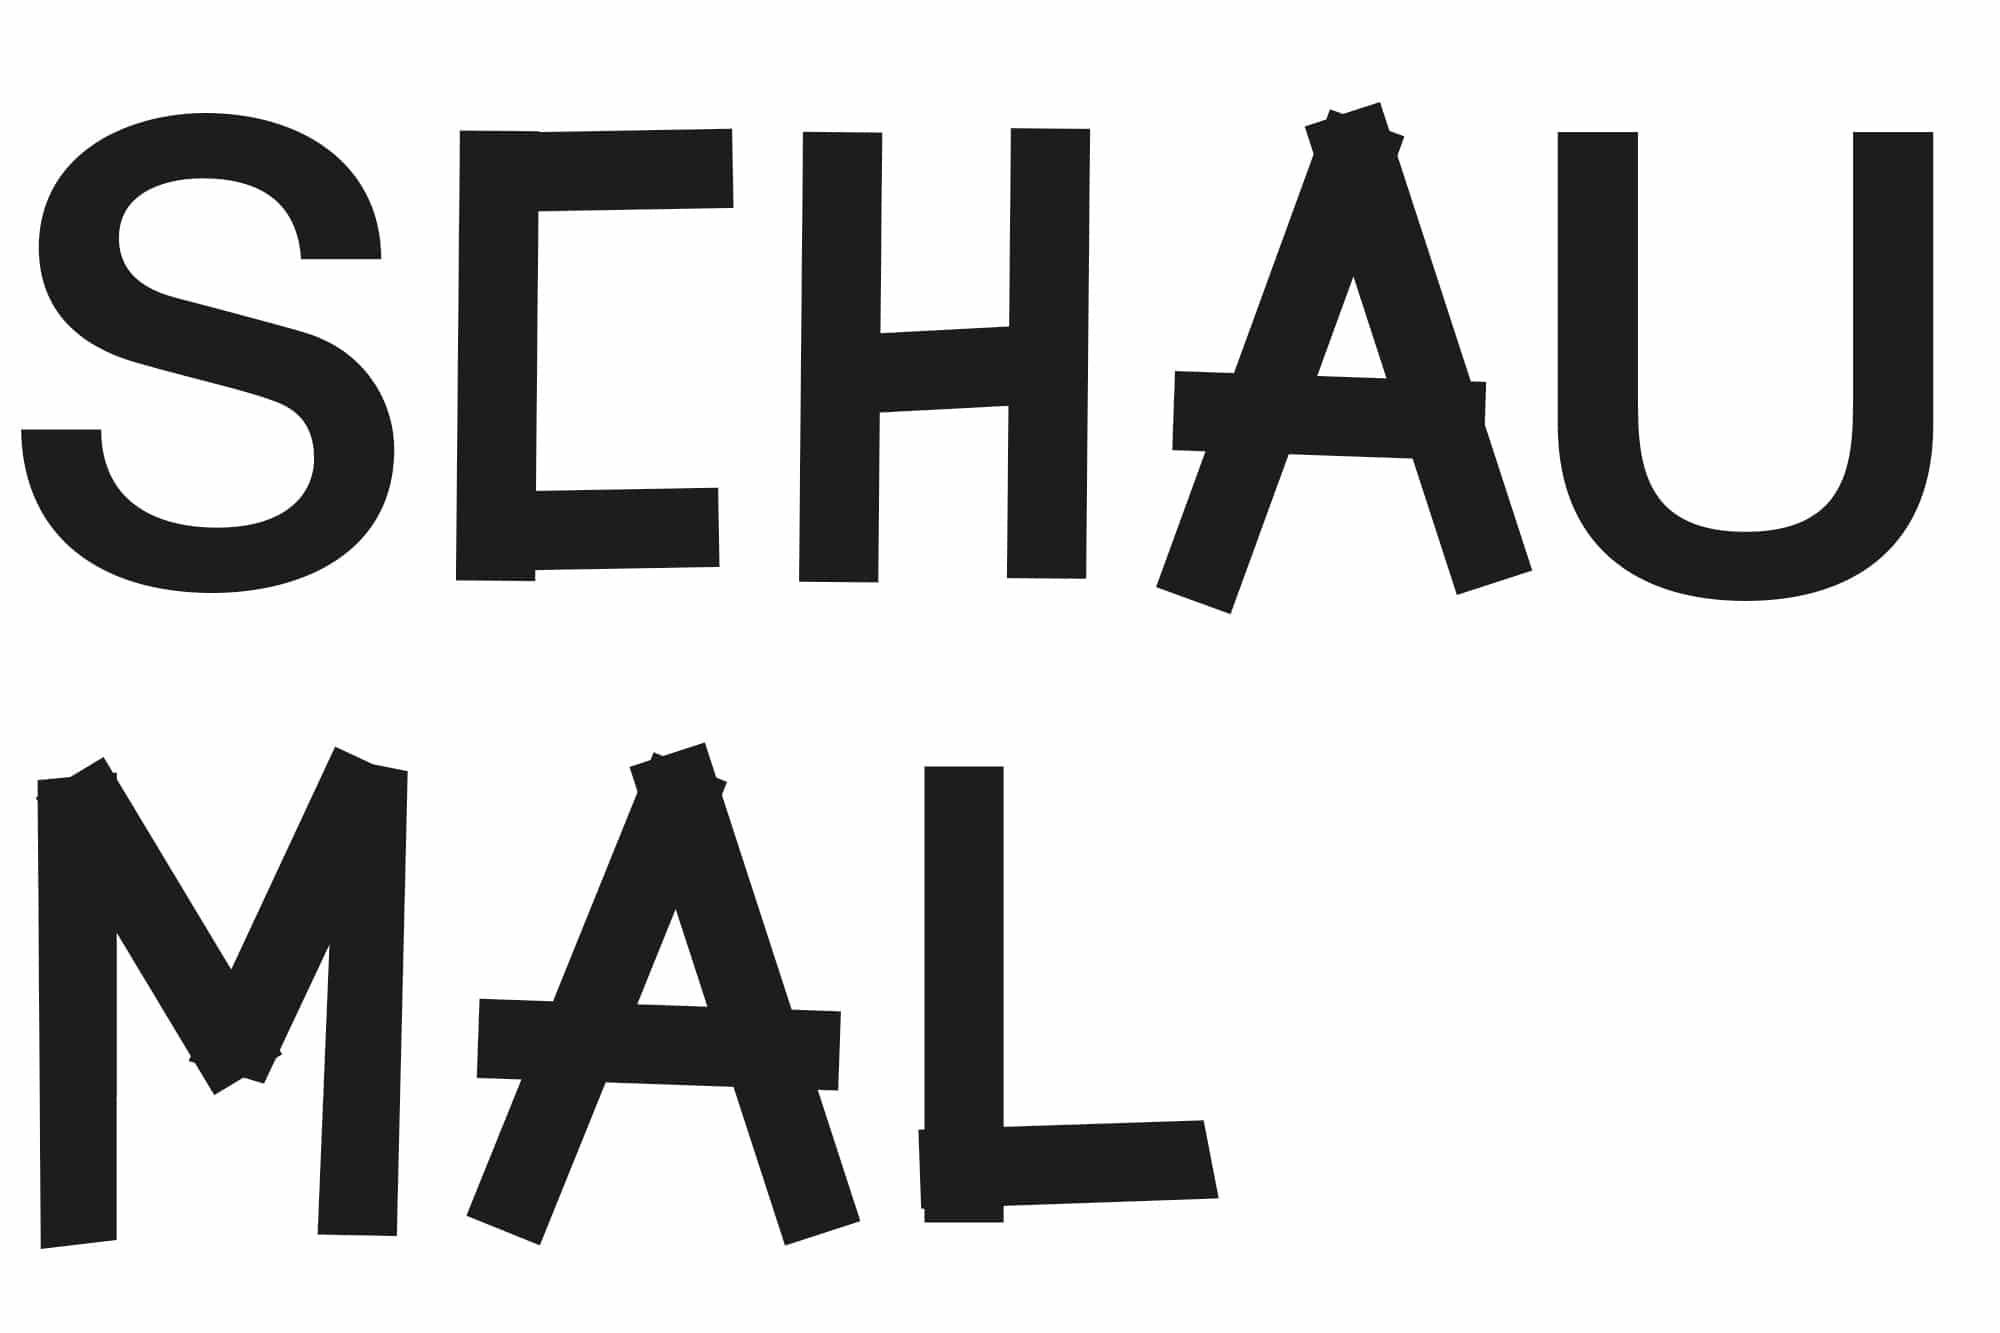 planx-Tafelhalle-Spielzeit20-21schaumal-04